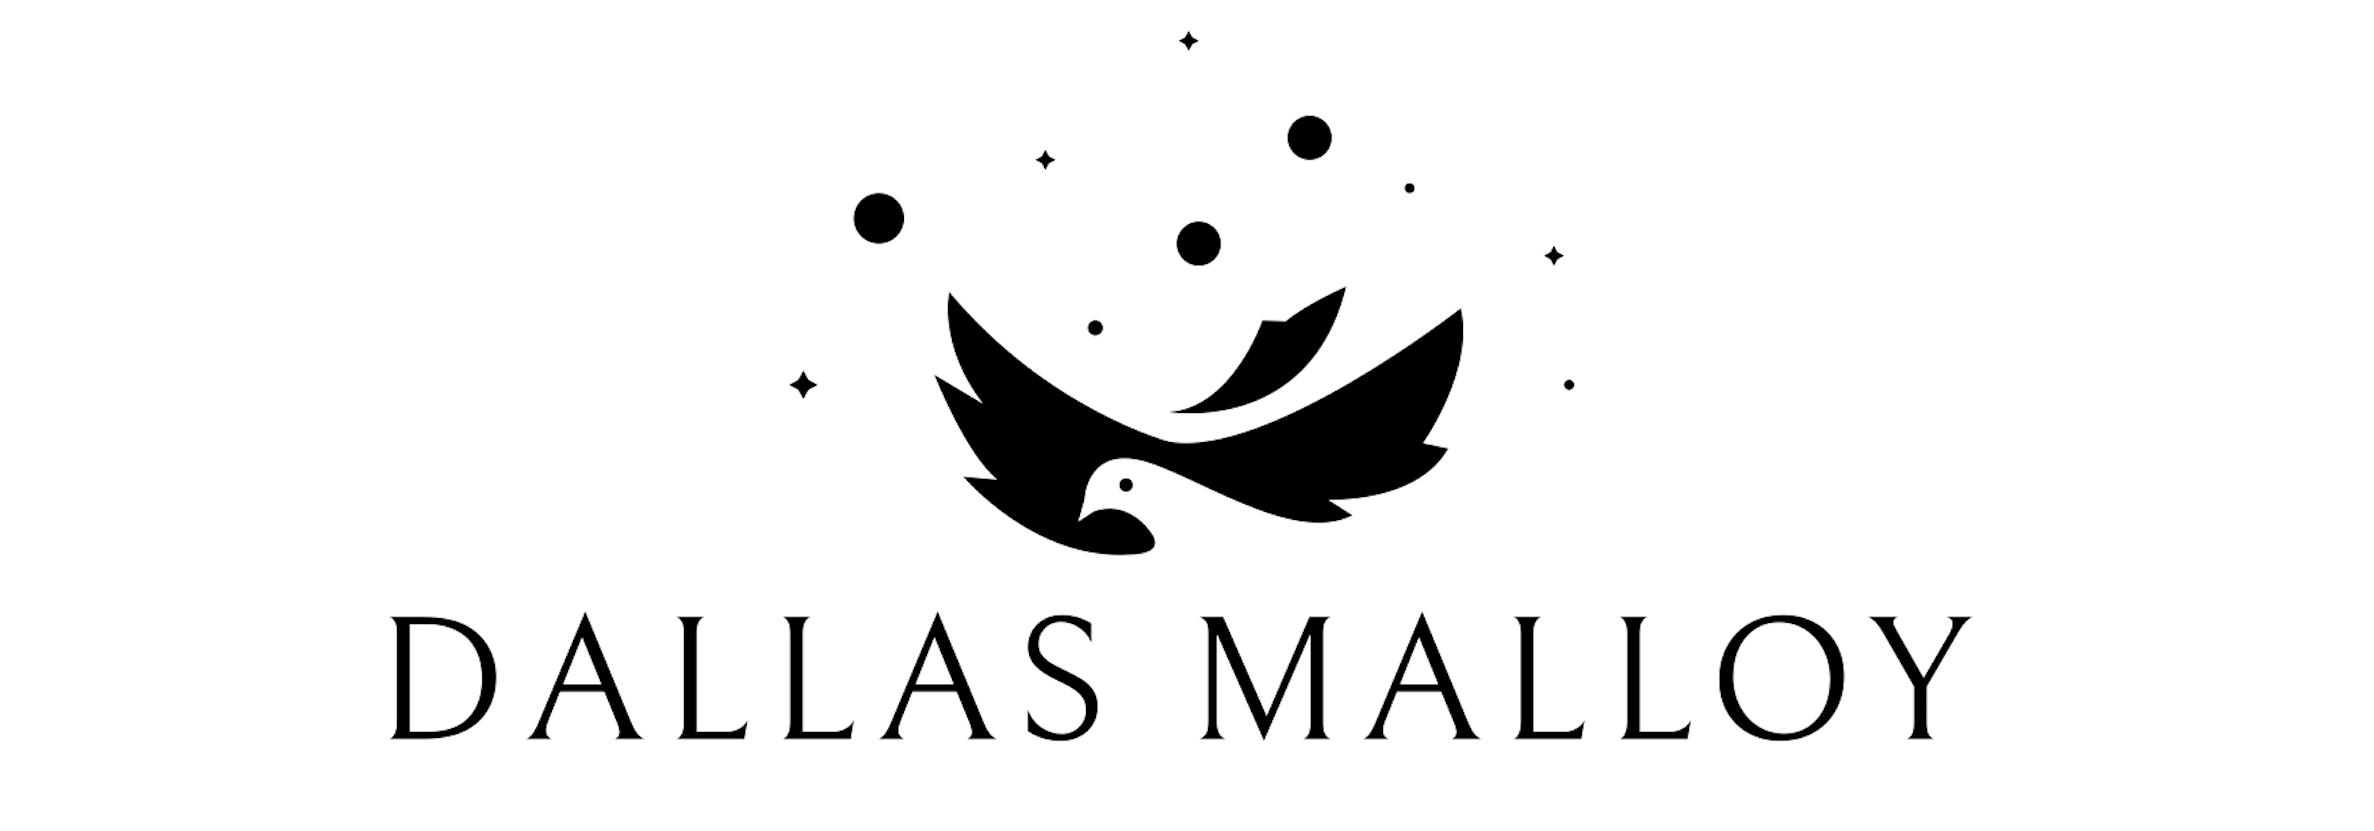 dallasmalloy.com